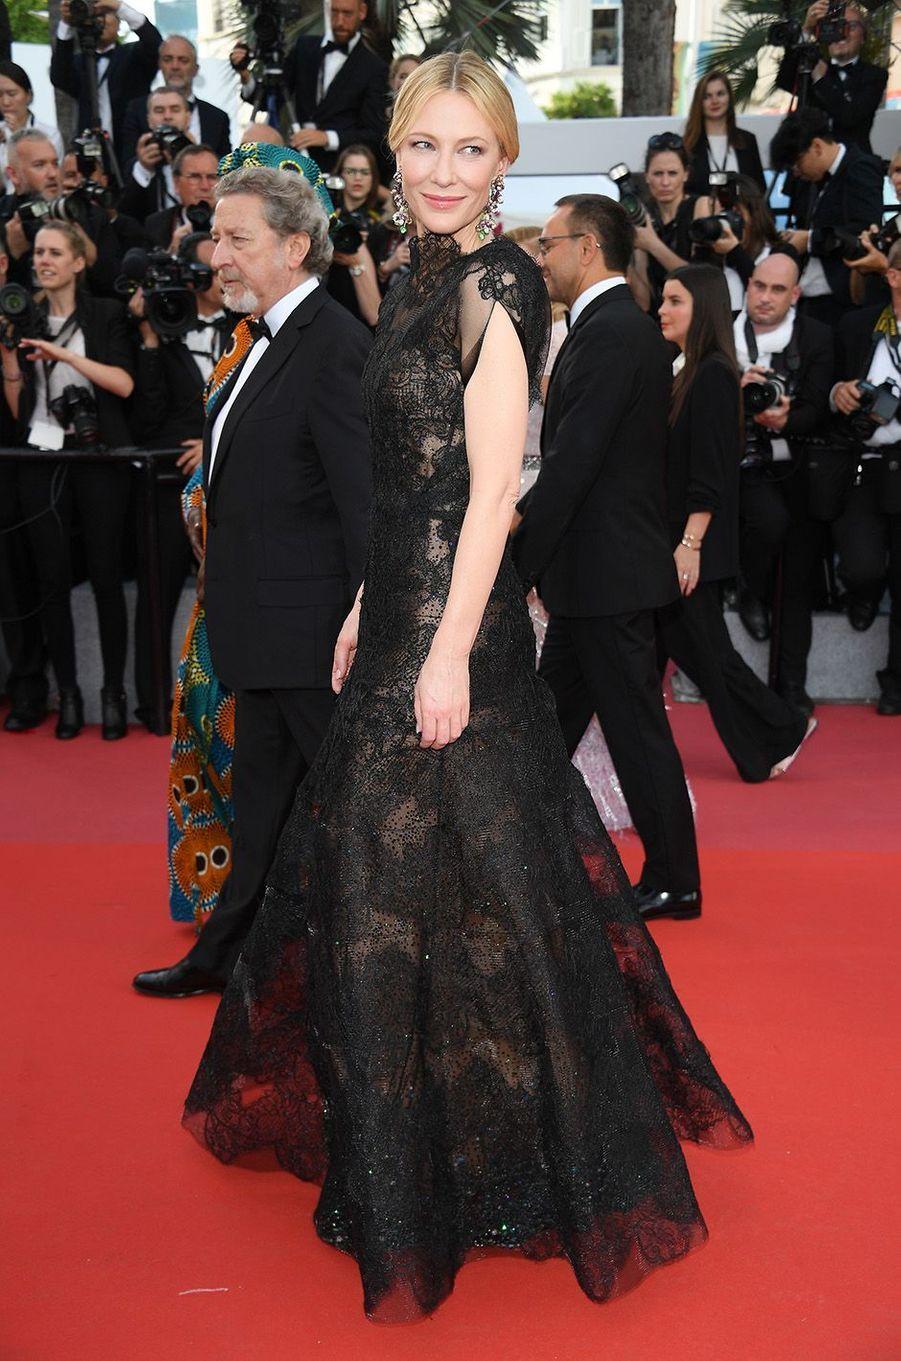 Cate Blanchettsur le tapis rouge de la 71e édition du festival de Cannes, le 8 mai 2018.